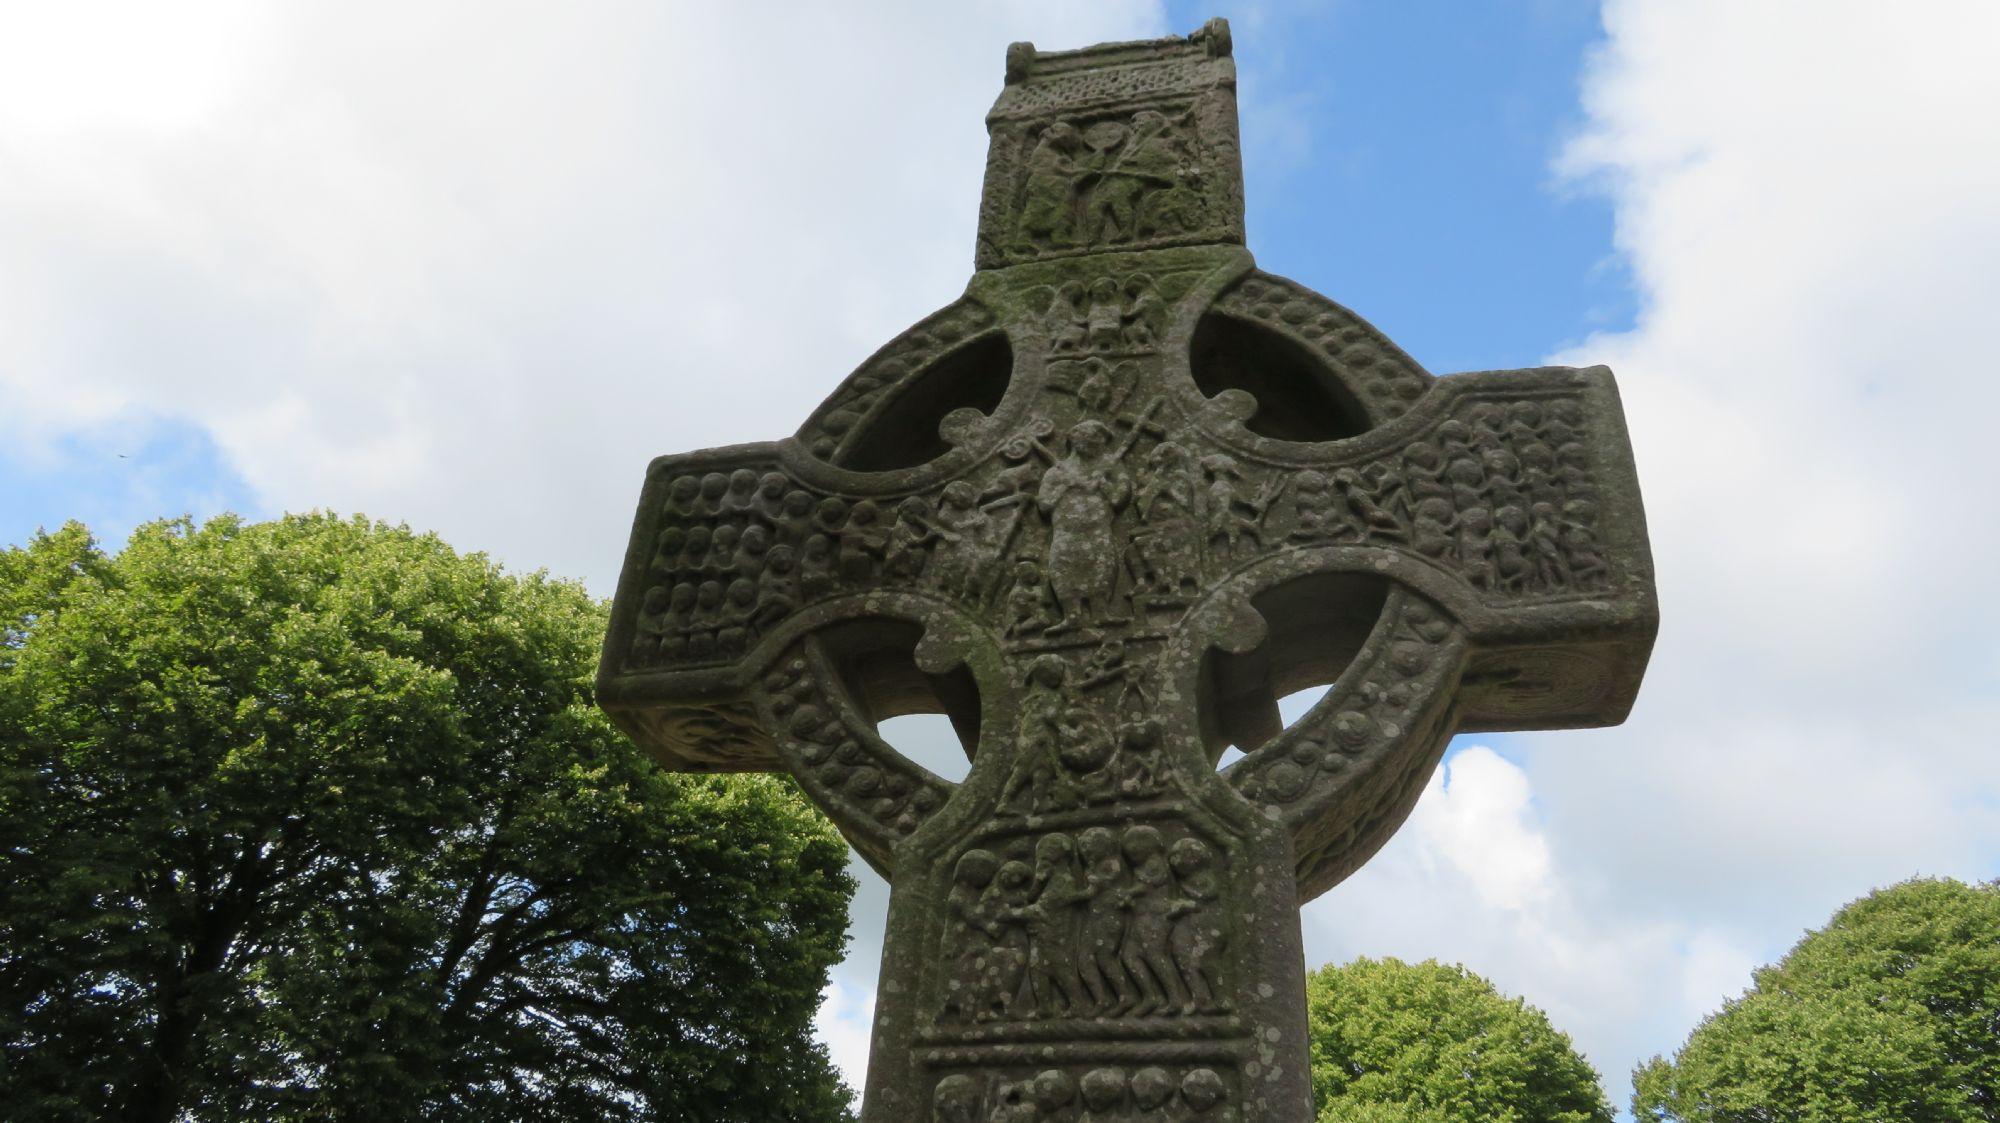 Monasterboice Cross.